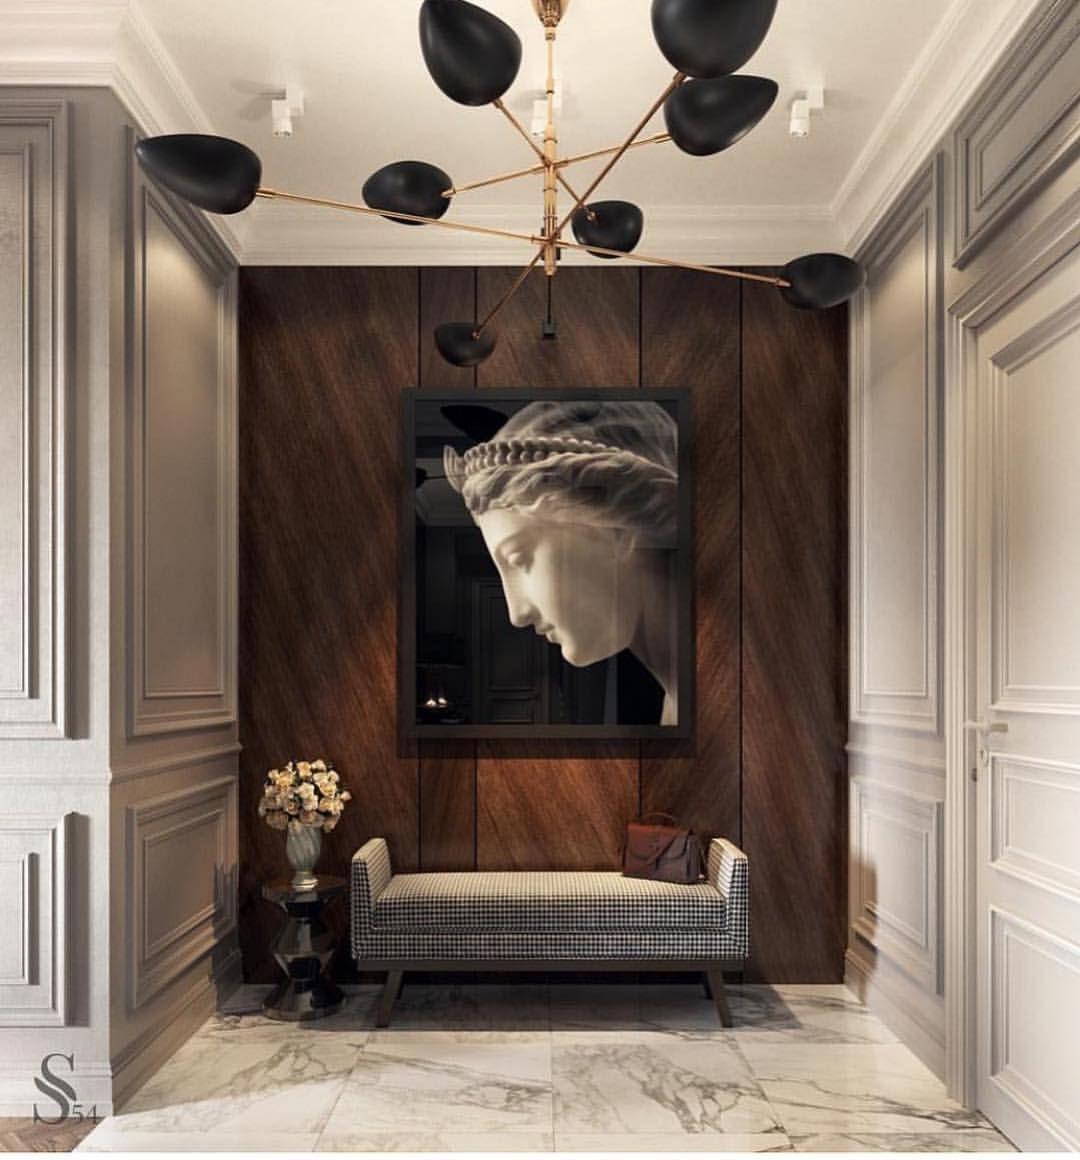 Hallway love. @studia_54 • • • • • • • #interior #interiordesign #architecture #interiorinspo #interiorinspiration #interiors #interieur… #hallway